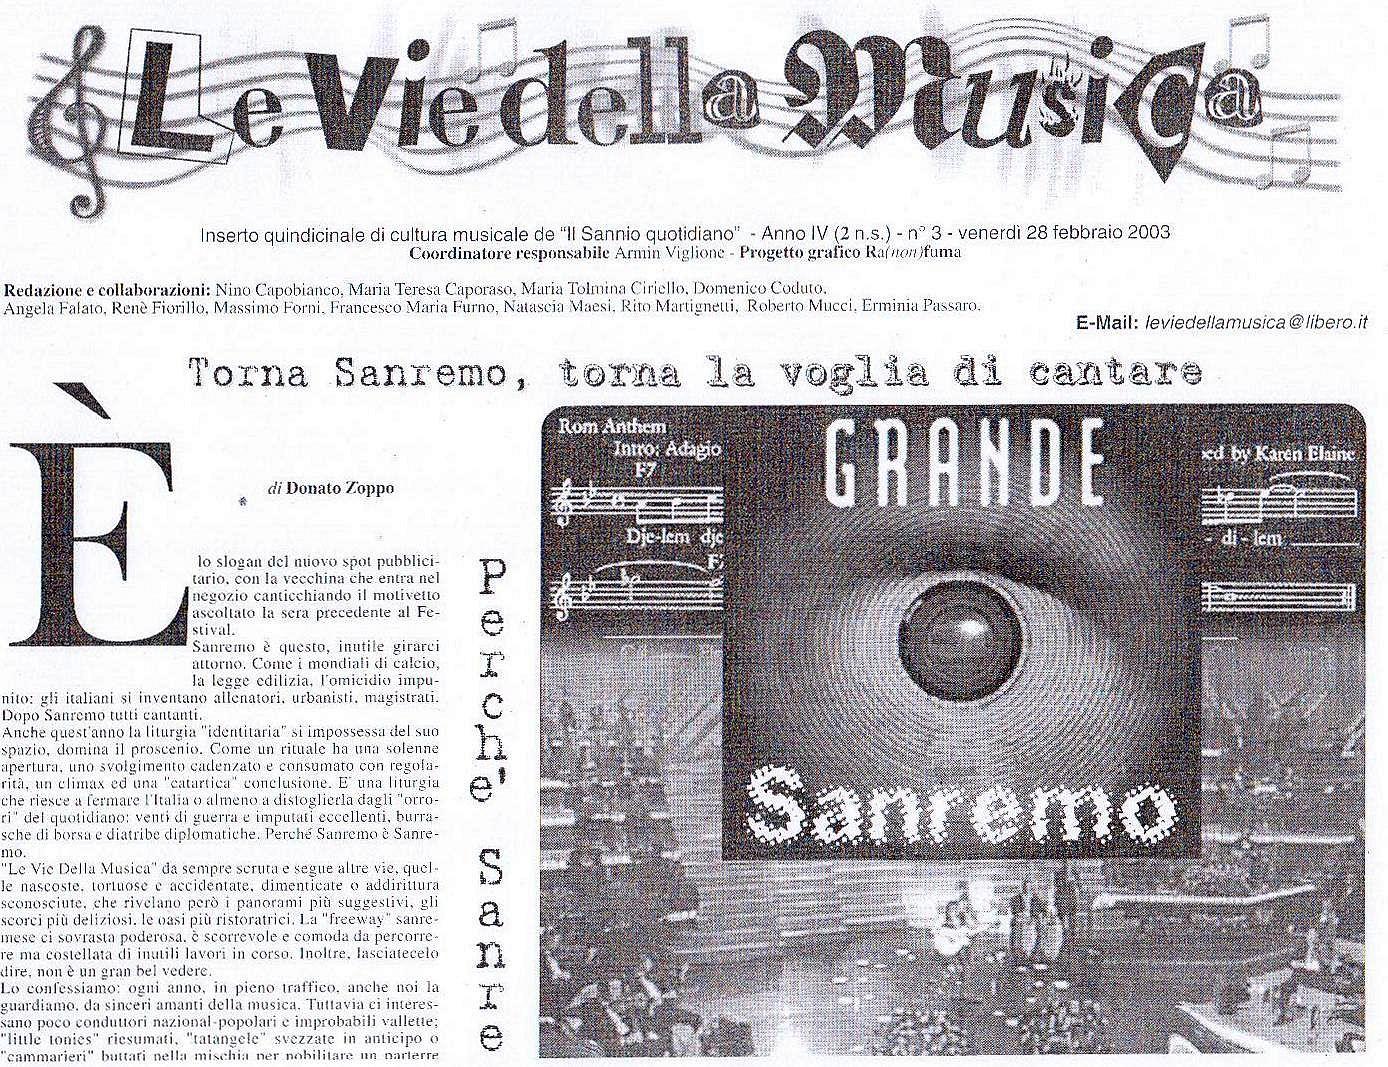 Vie della musica 28 febbraio 2003